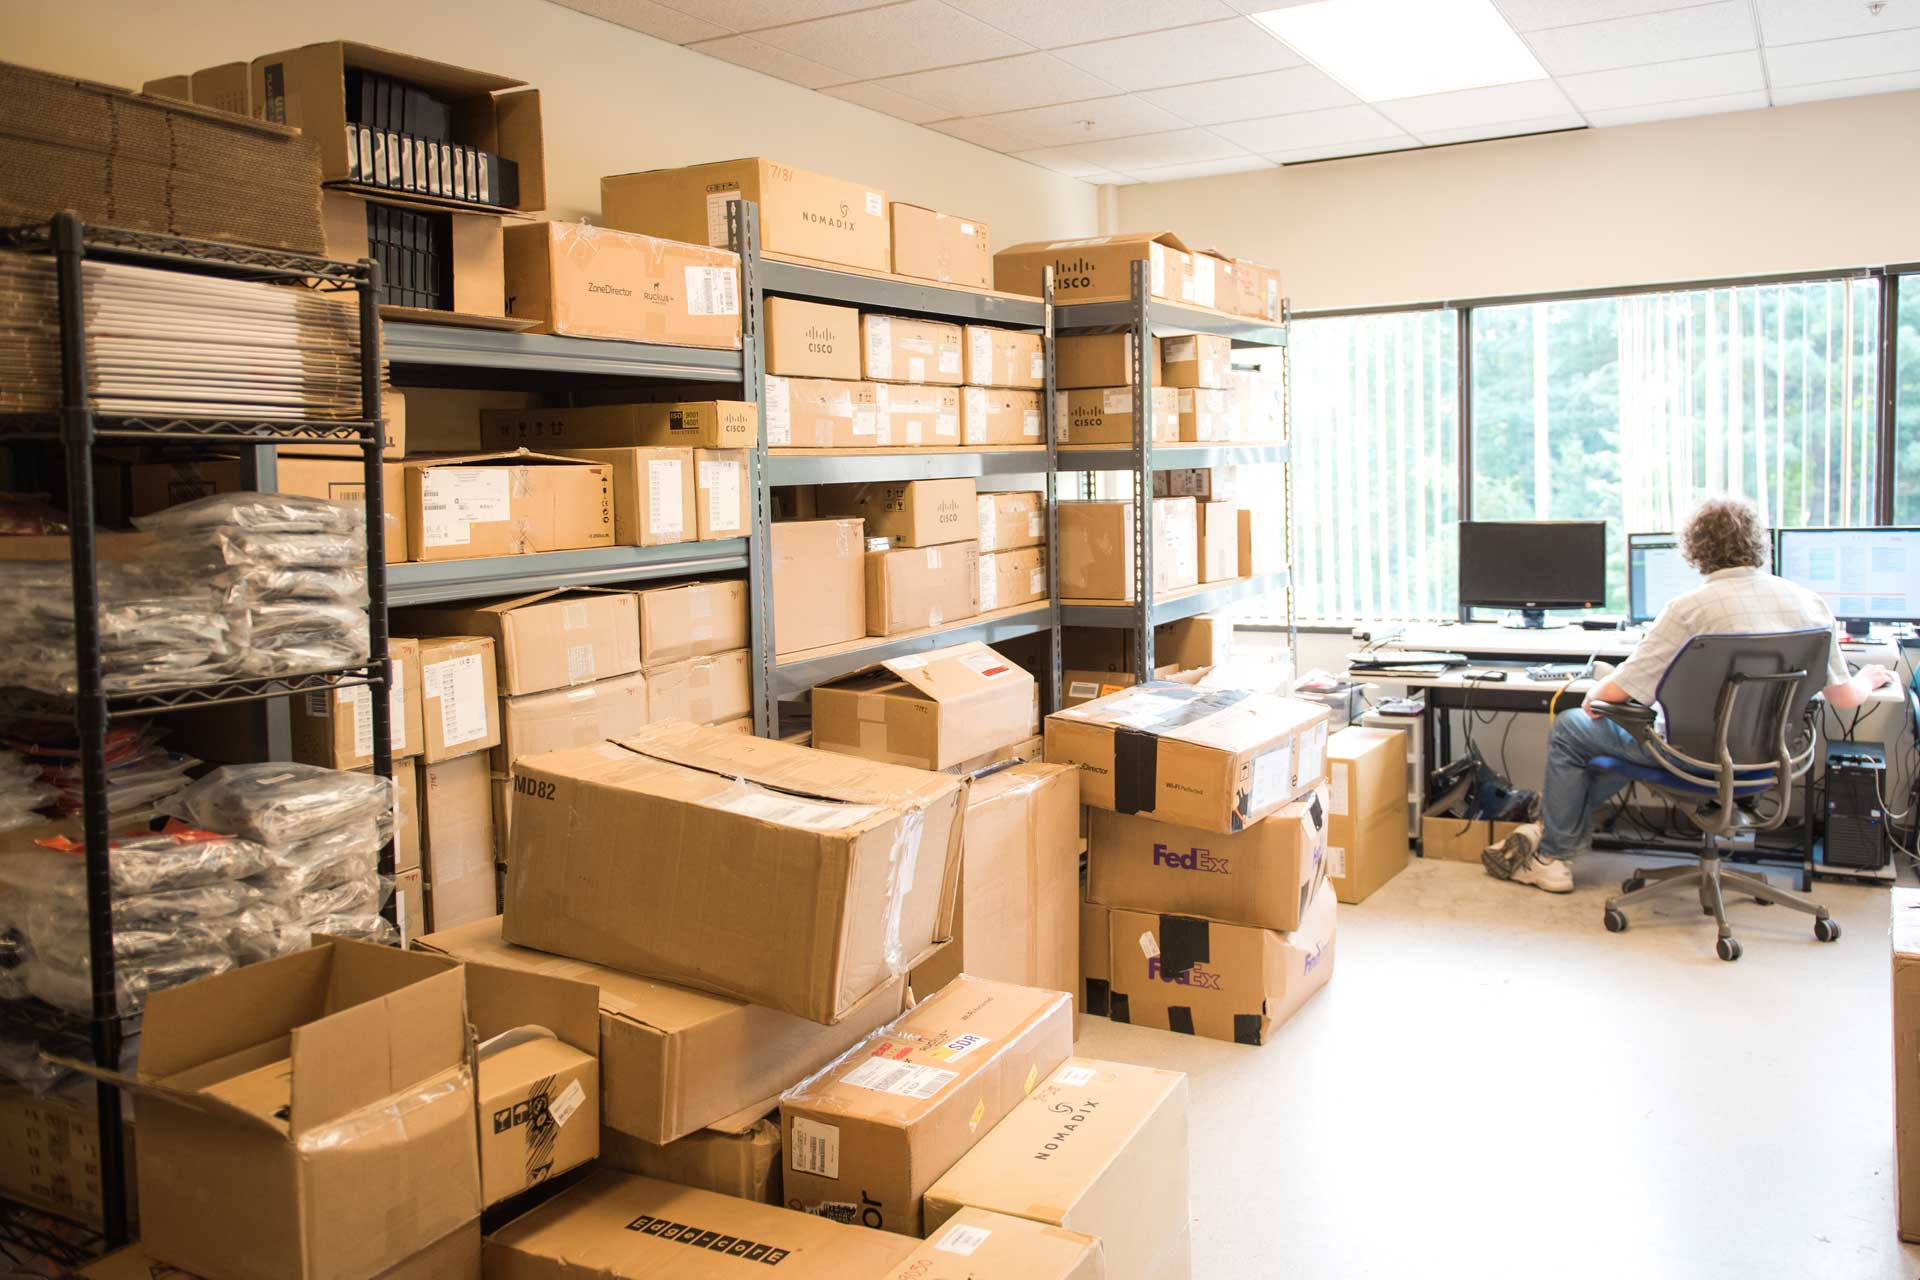 Piles of cardboard packages